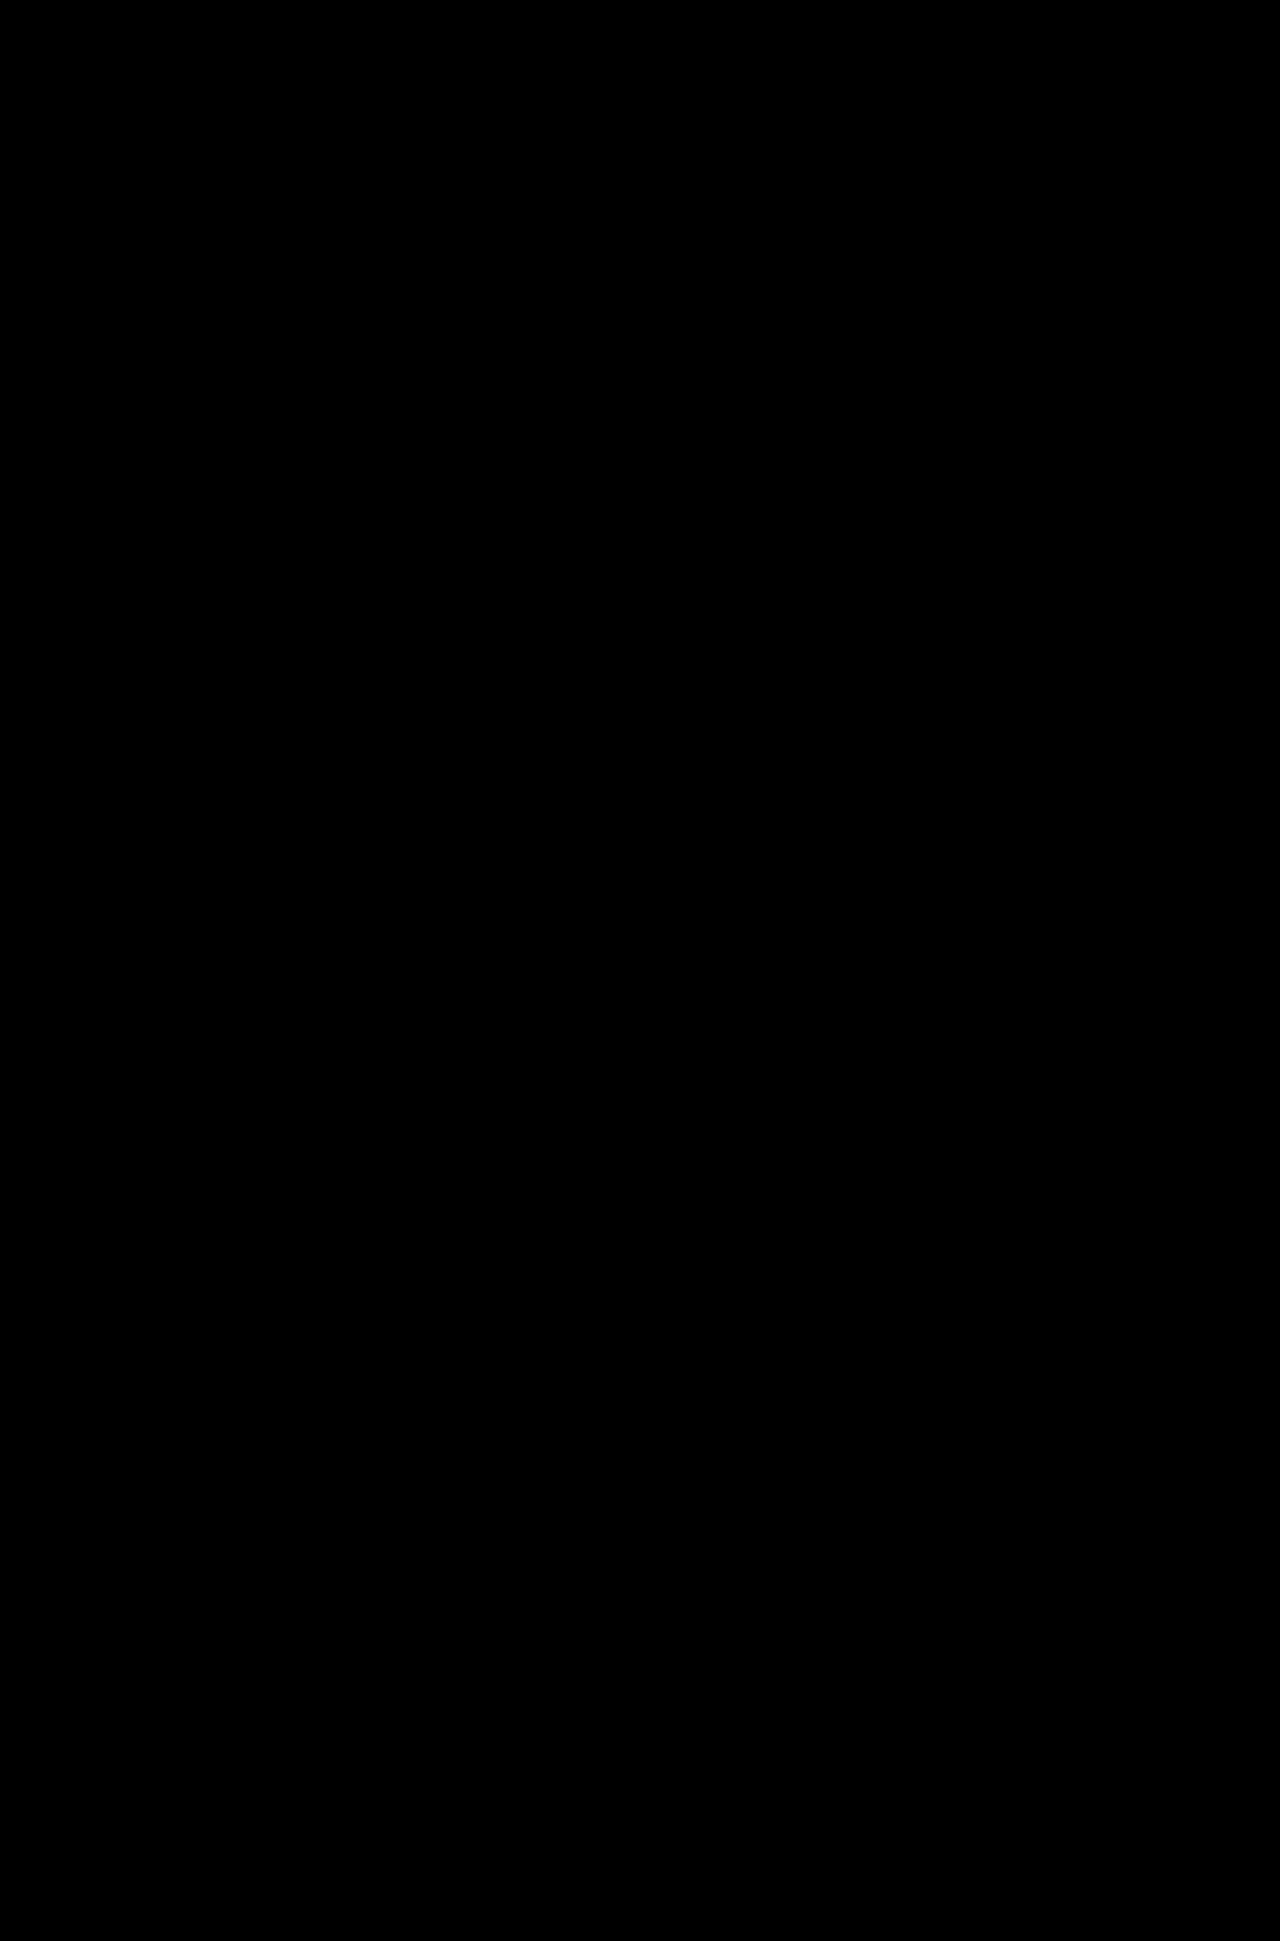 ปิดฉากคิริโตะ ภาพ 2